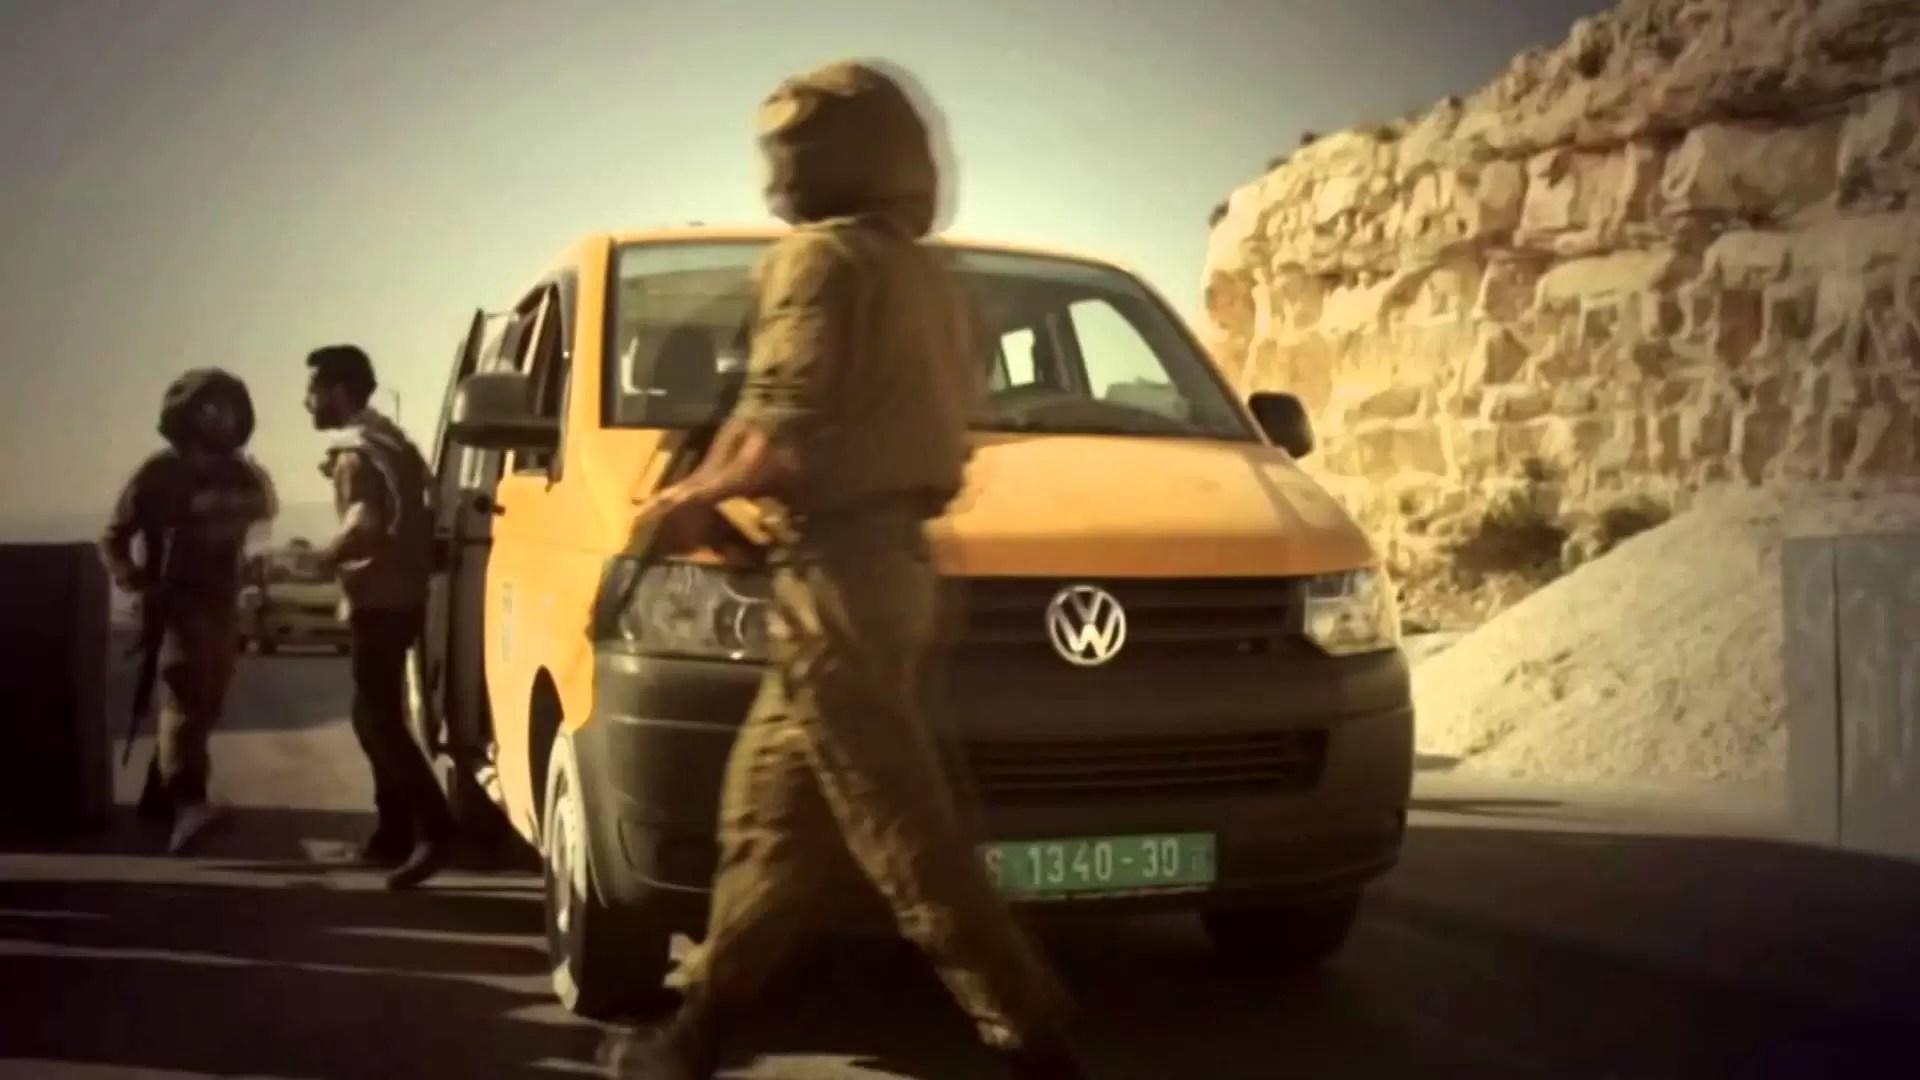 """فيديو.. الفنان الأردني """"متعب الصقار"""" يهدي الفلسطينيين أغنية تثير ضجة لدعوتهم إلى الطعن والقتل"""